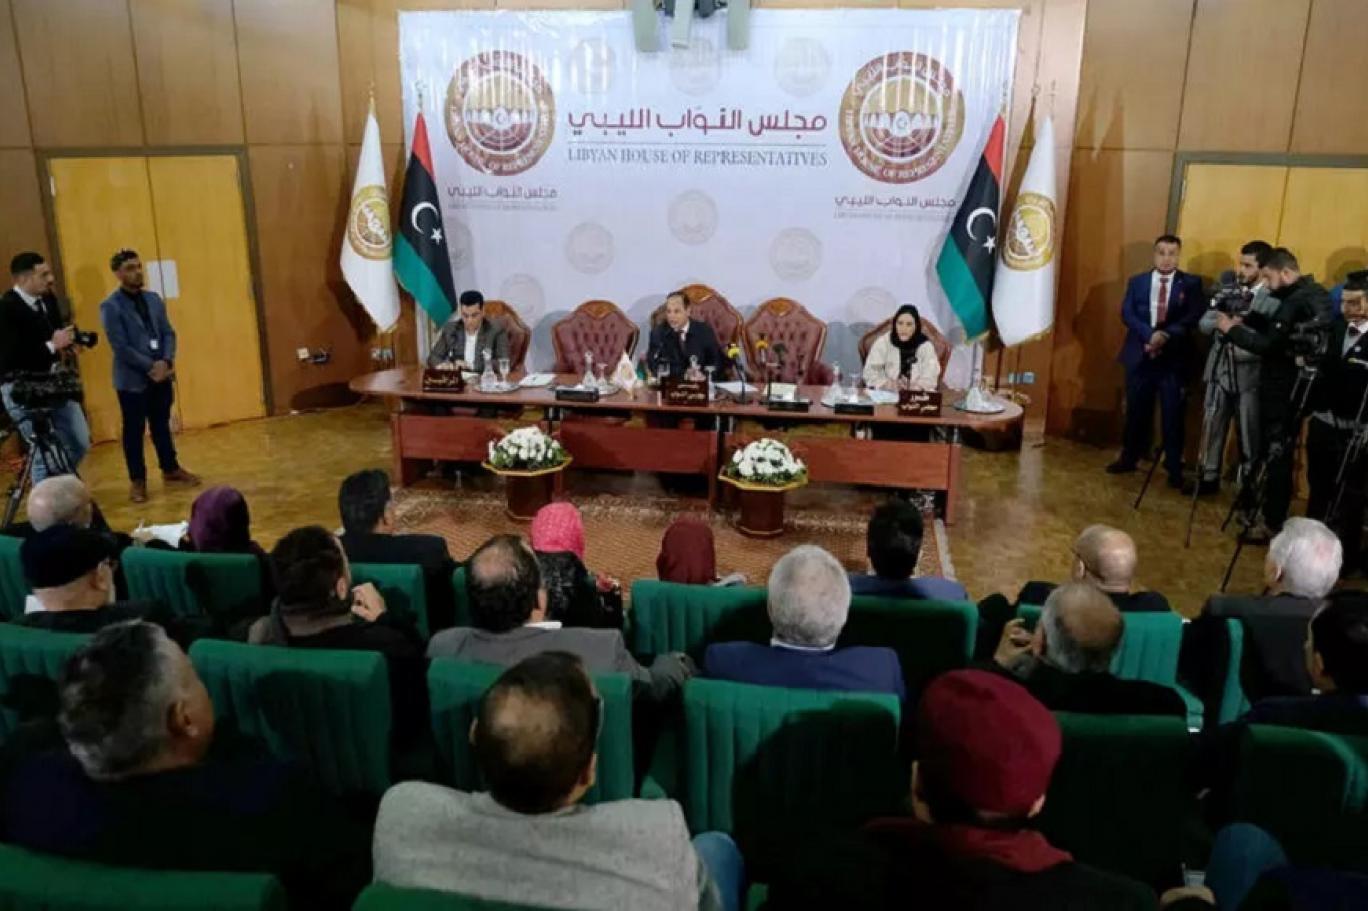 ليبيا.. اجتماع قريب في جنيف لاختيار مجلس رئاسي وحكومة